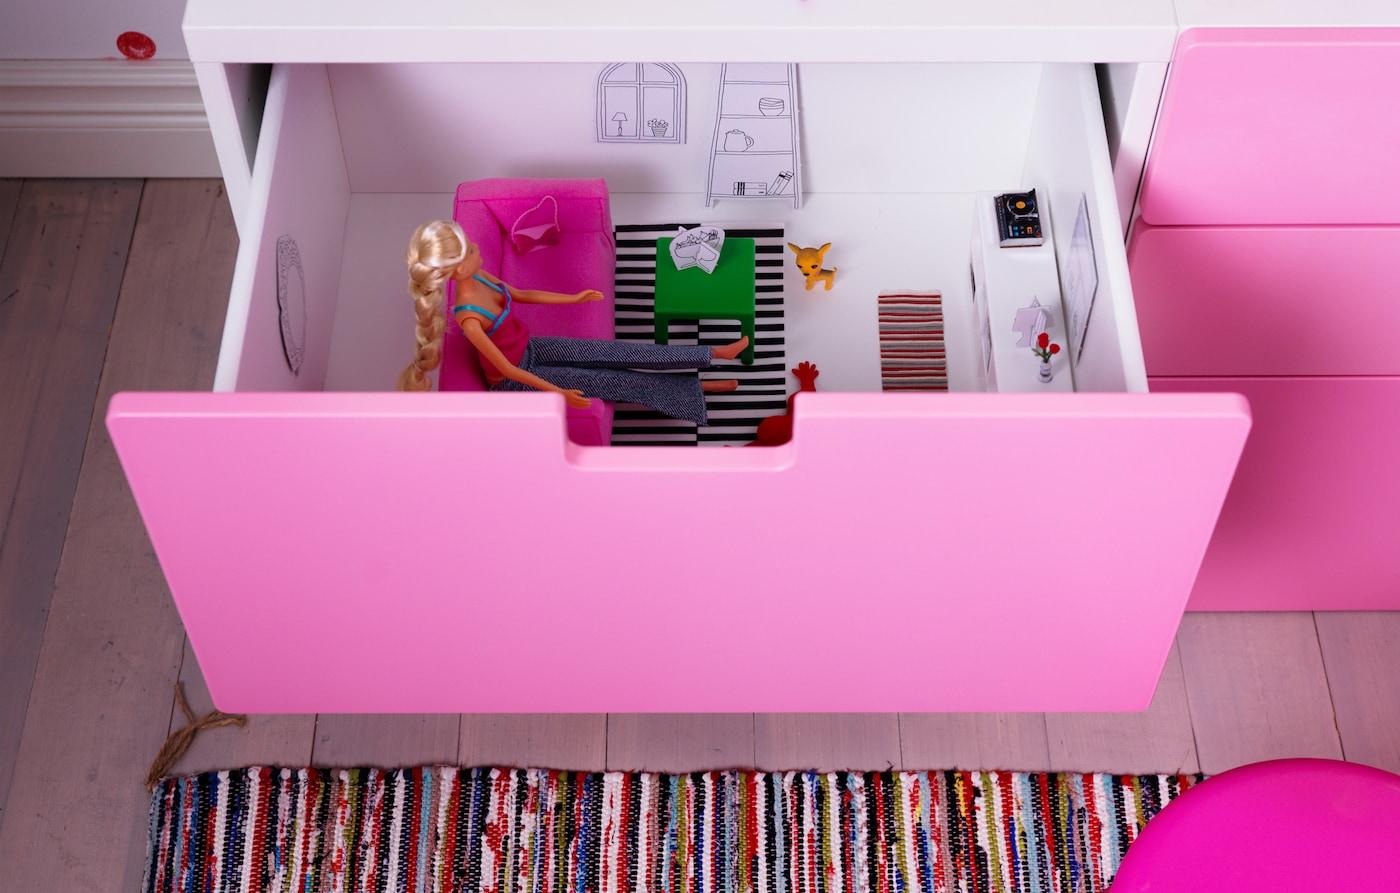 Du wünschst dir, IKEA Möbel wären kleiner? Bei ein paar von ihnen können wir dir helfen! IKEA HUSET Puppenhausmöbel bestehen aus einem kleinen rosafarbenen Sofa, einem grünen Couchtisch, einem herzförmigen Kissen und einem gestreiften Teppich.